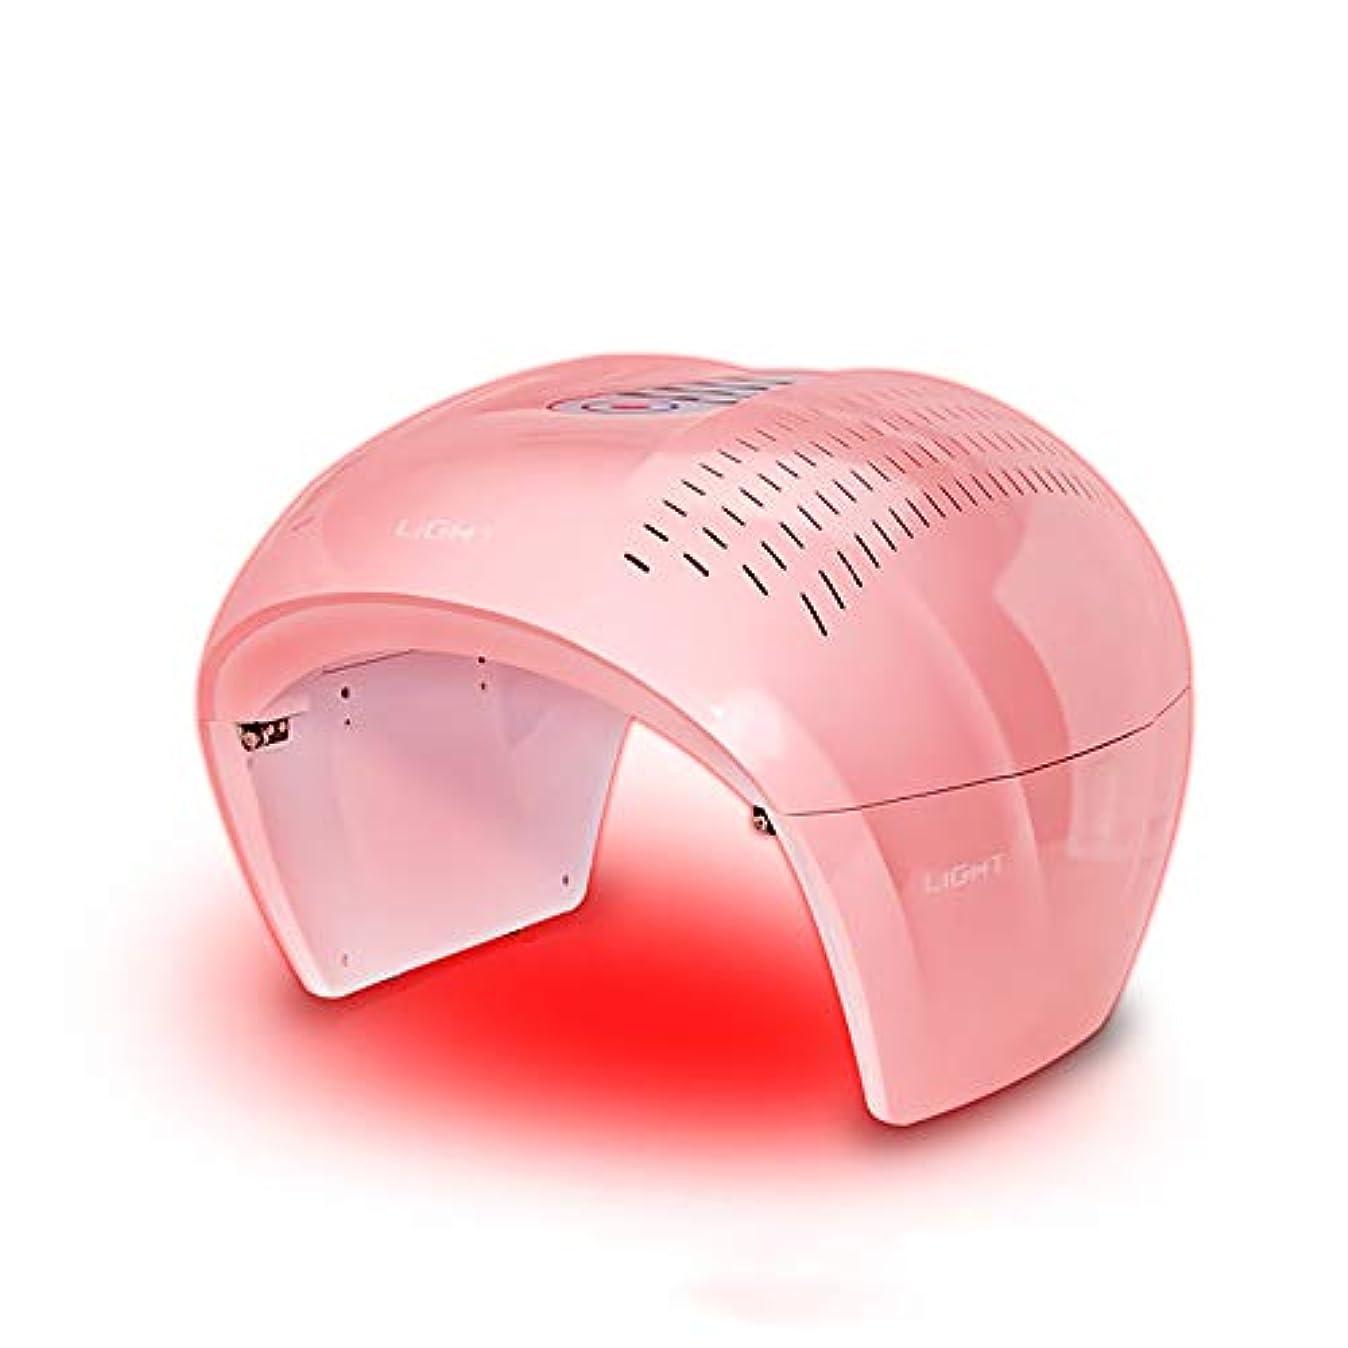 シアー傾斜せがむ4色ledフェイシャルマスク療法ライトポータブルフォトンpdtにきび療法しわ除去アンチエイジング肌の若返りスキンケア美容機